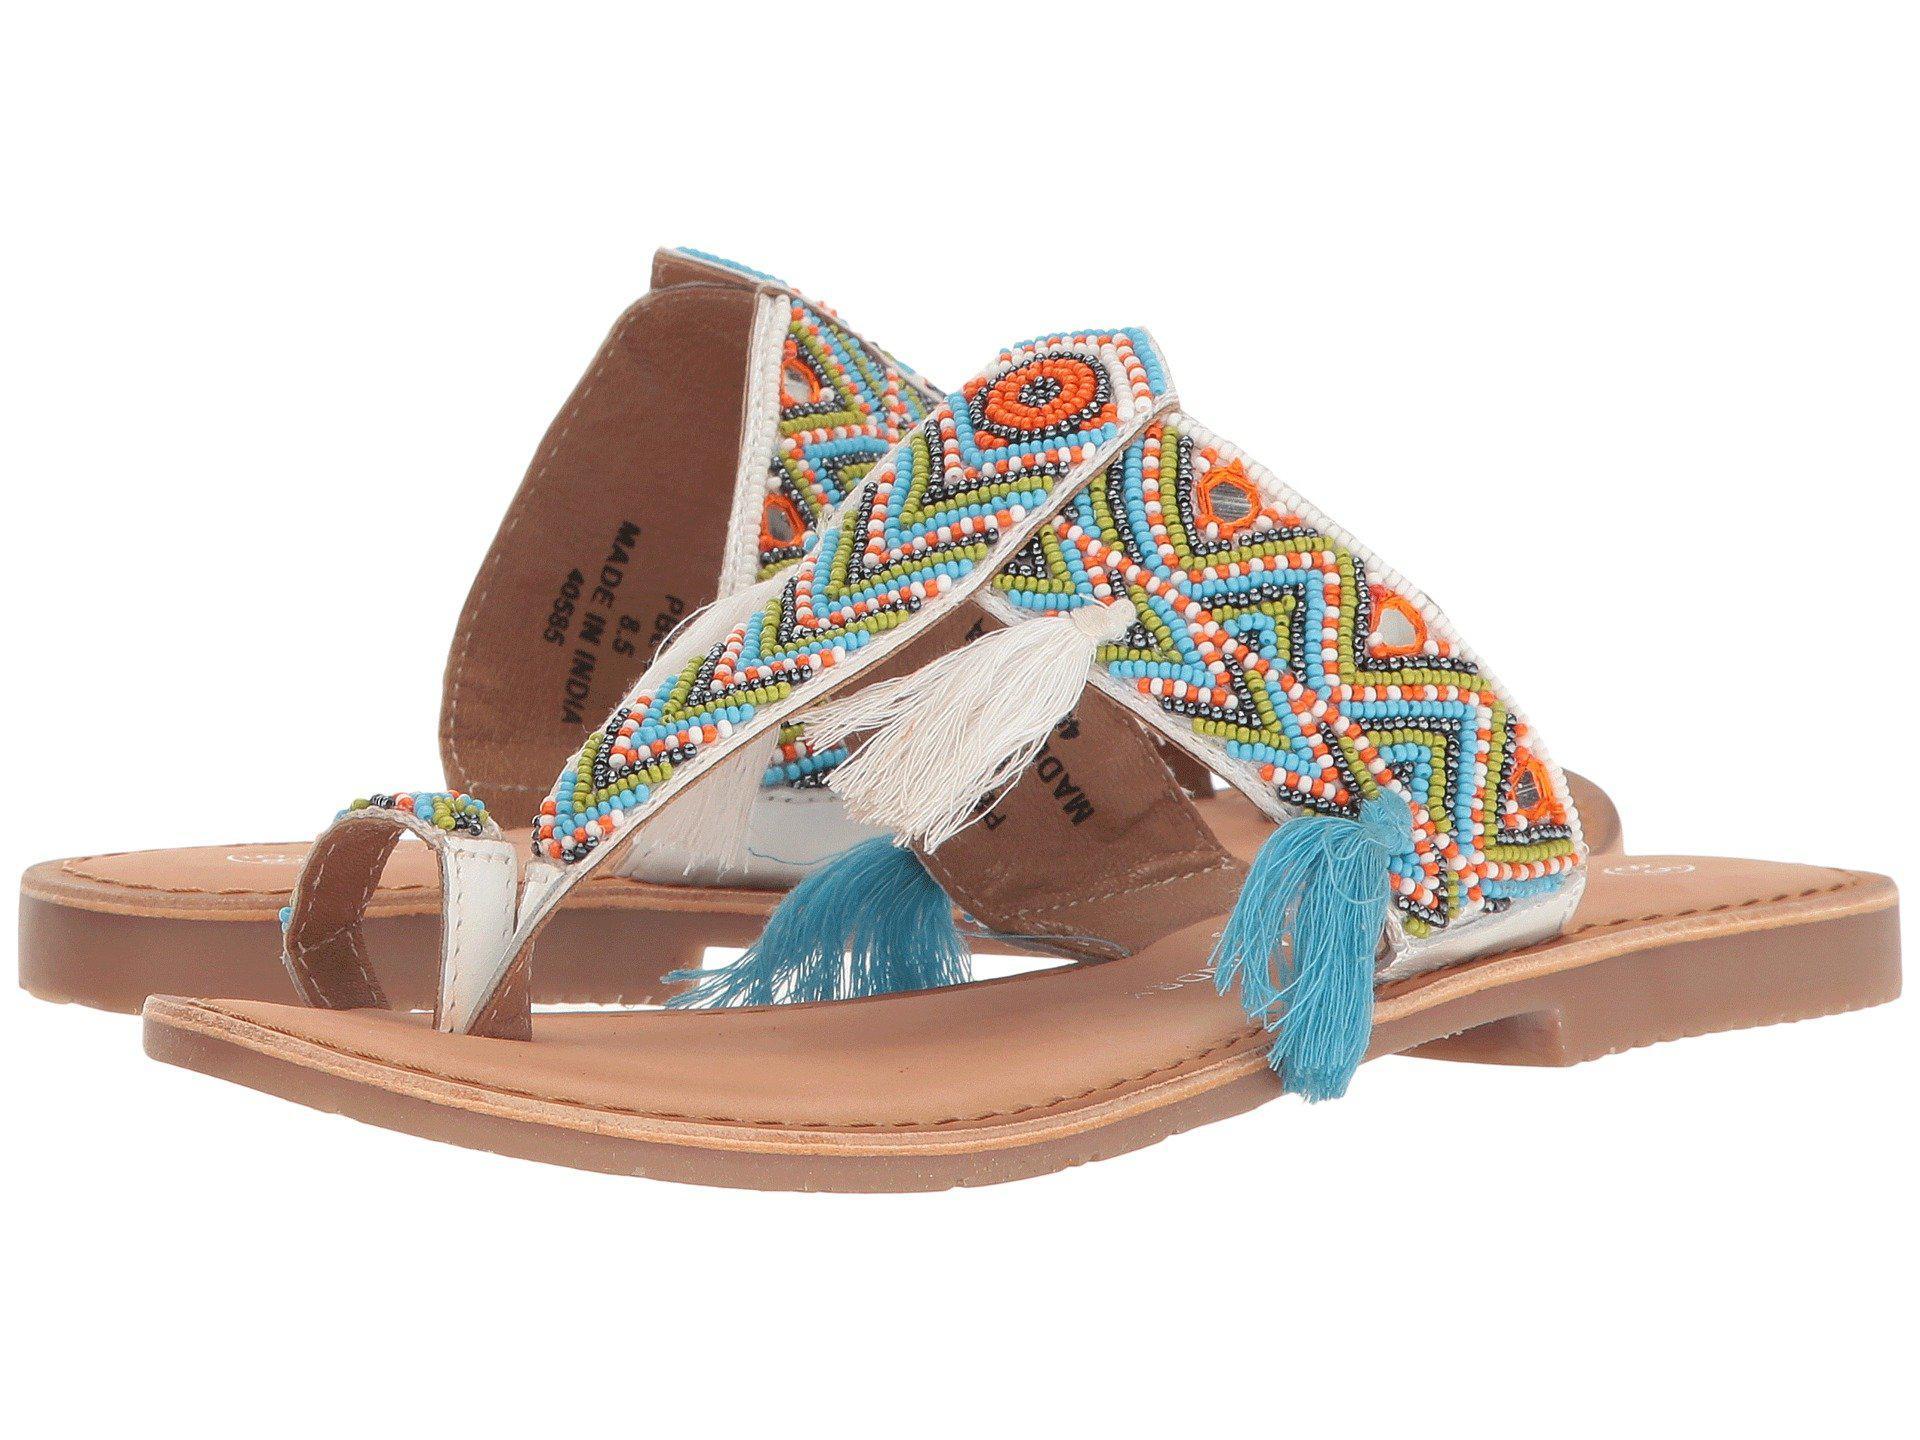 Chinese Laundry Paradiso Embellished Sandal x2OlW1zx6R